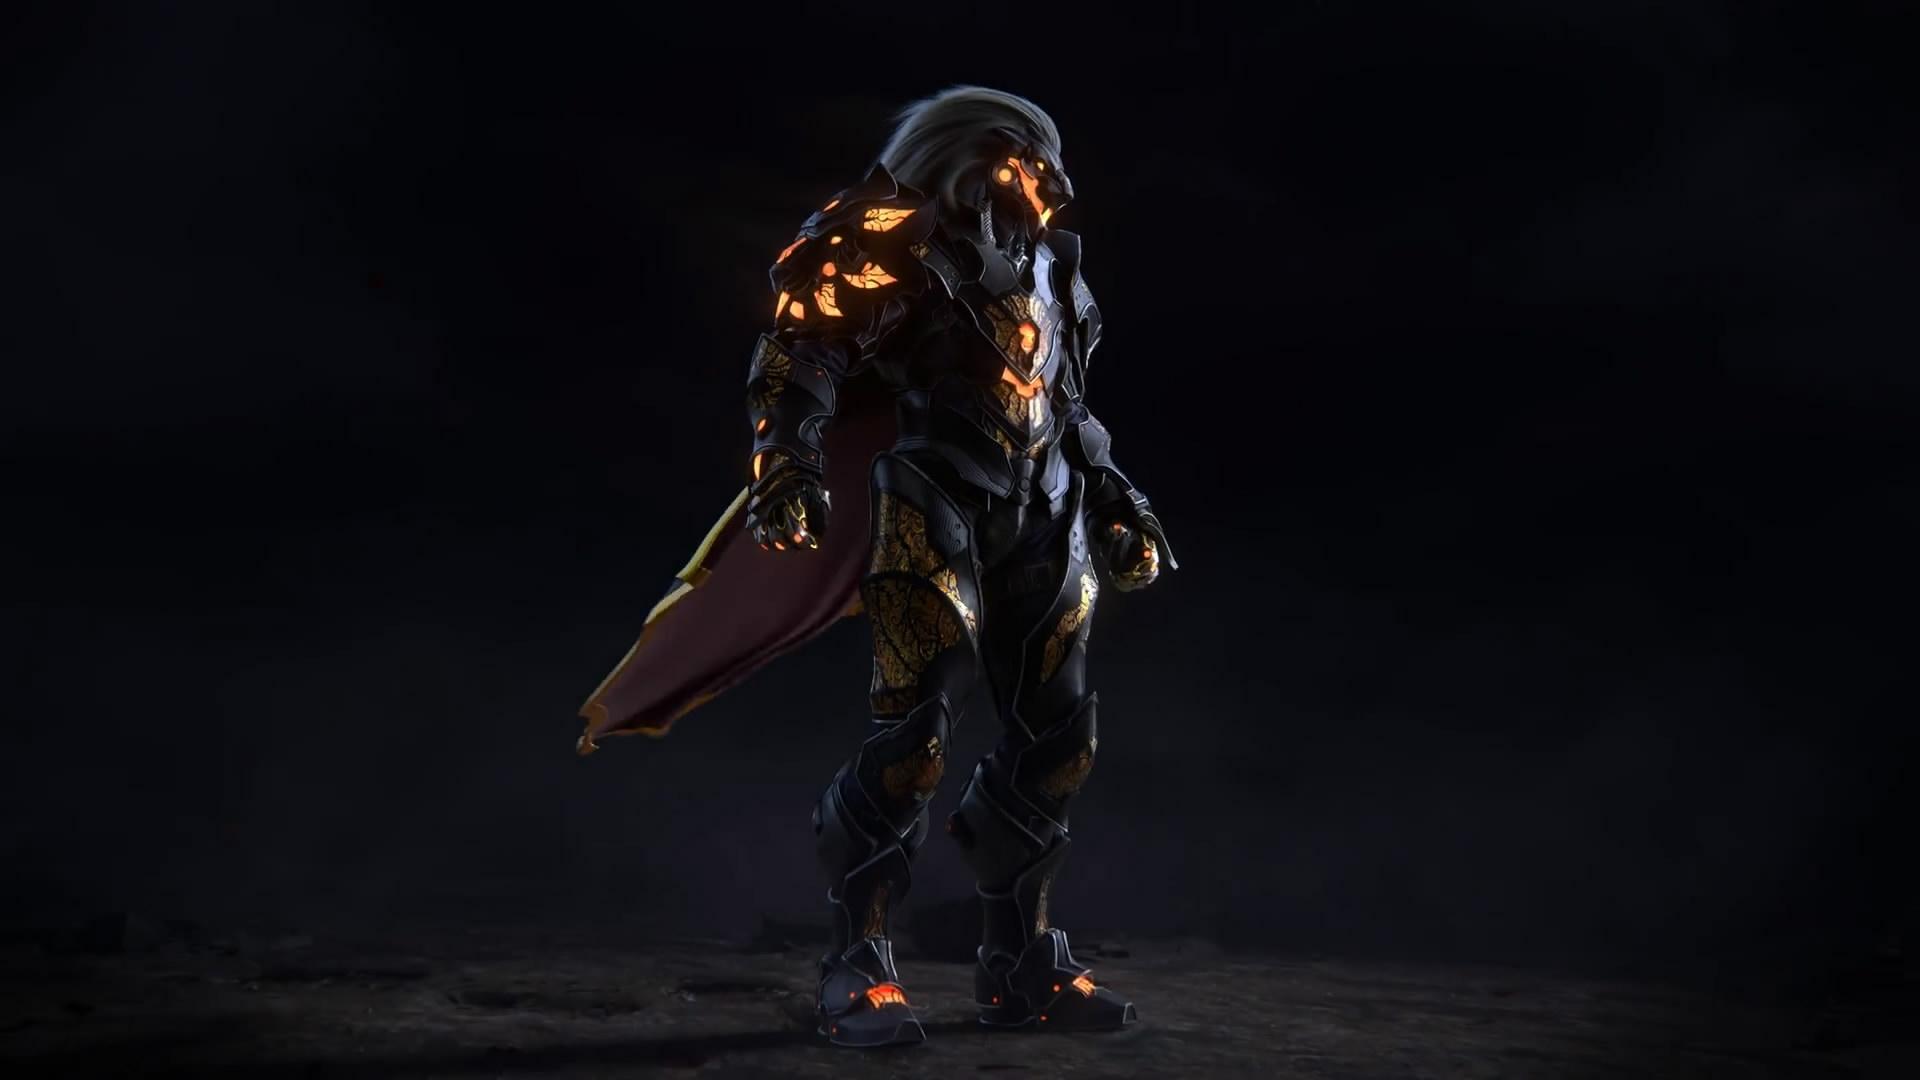 次世代ARPG《众神陨落》预告 游戏职业银鬃展示